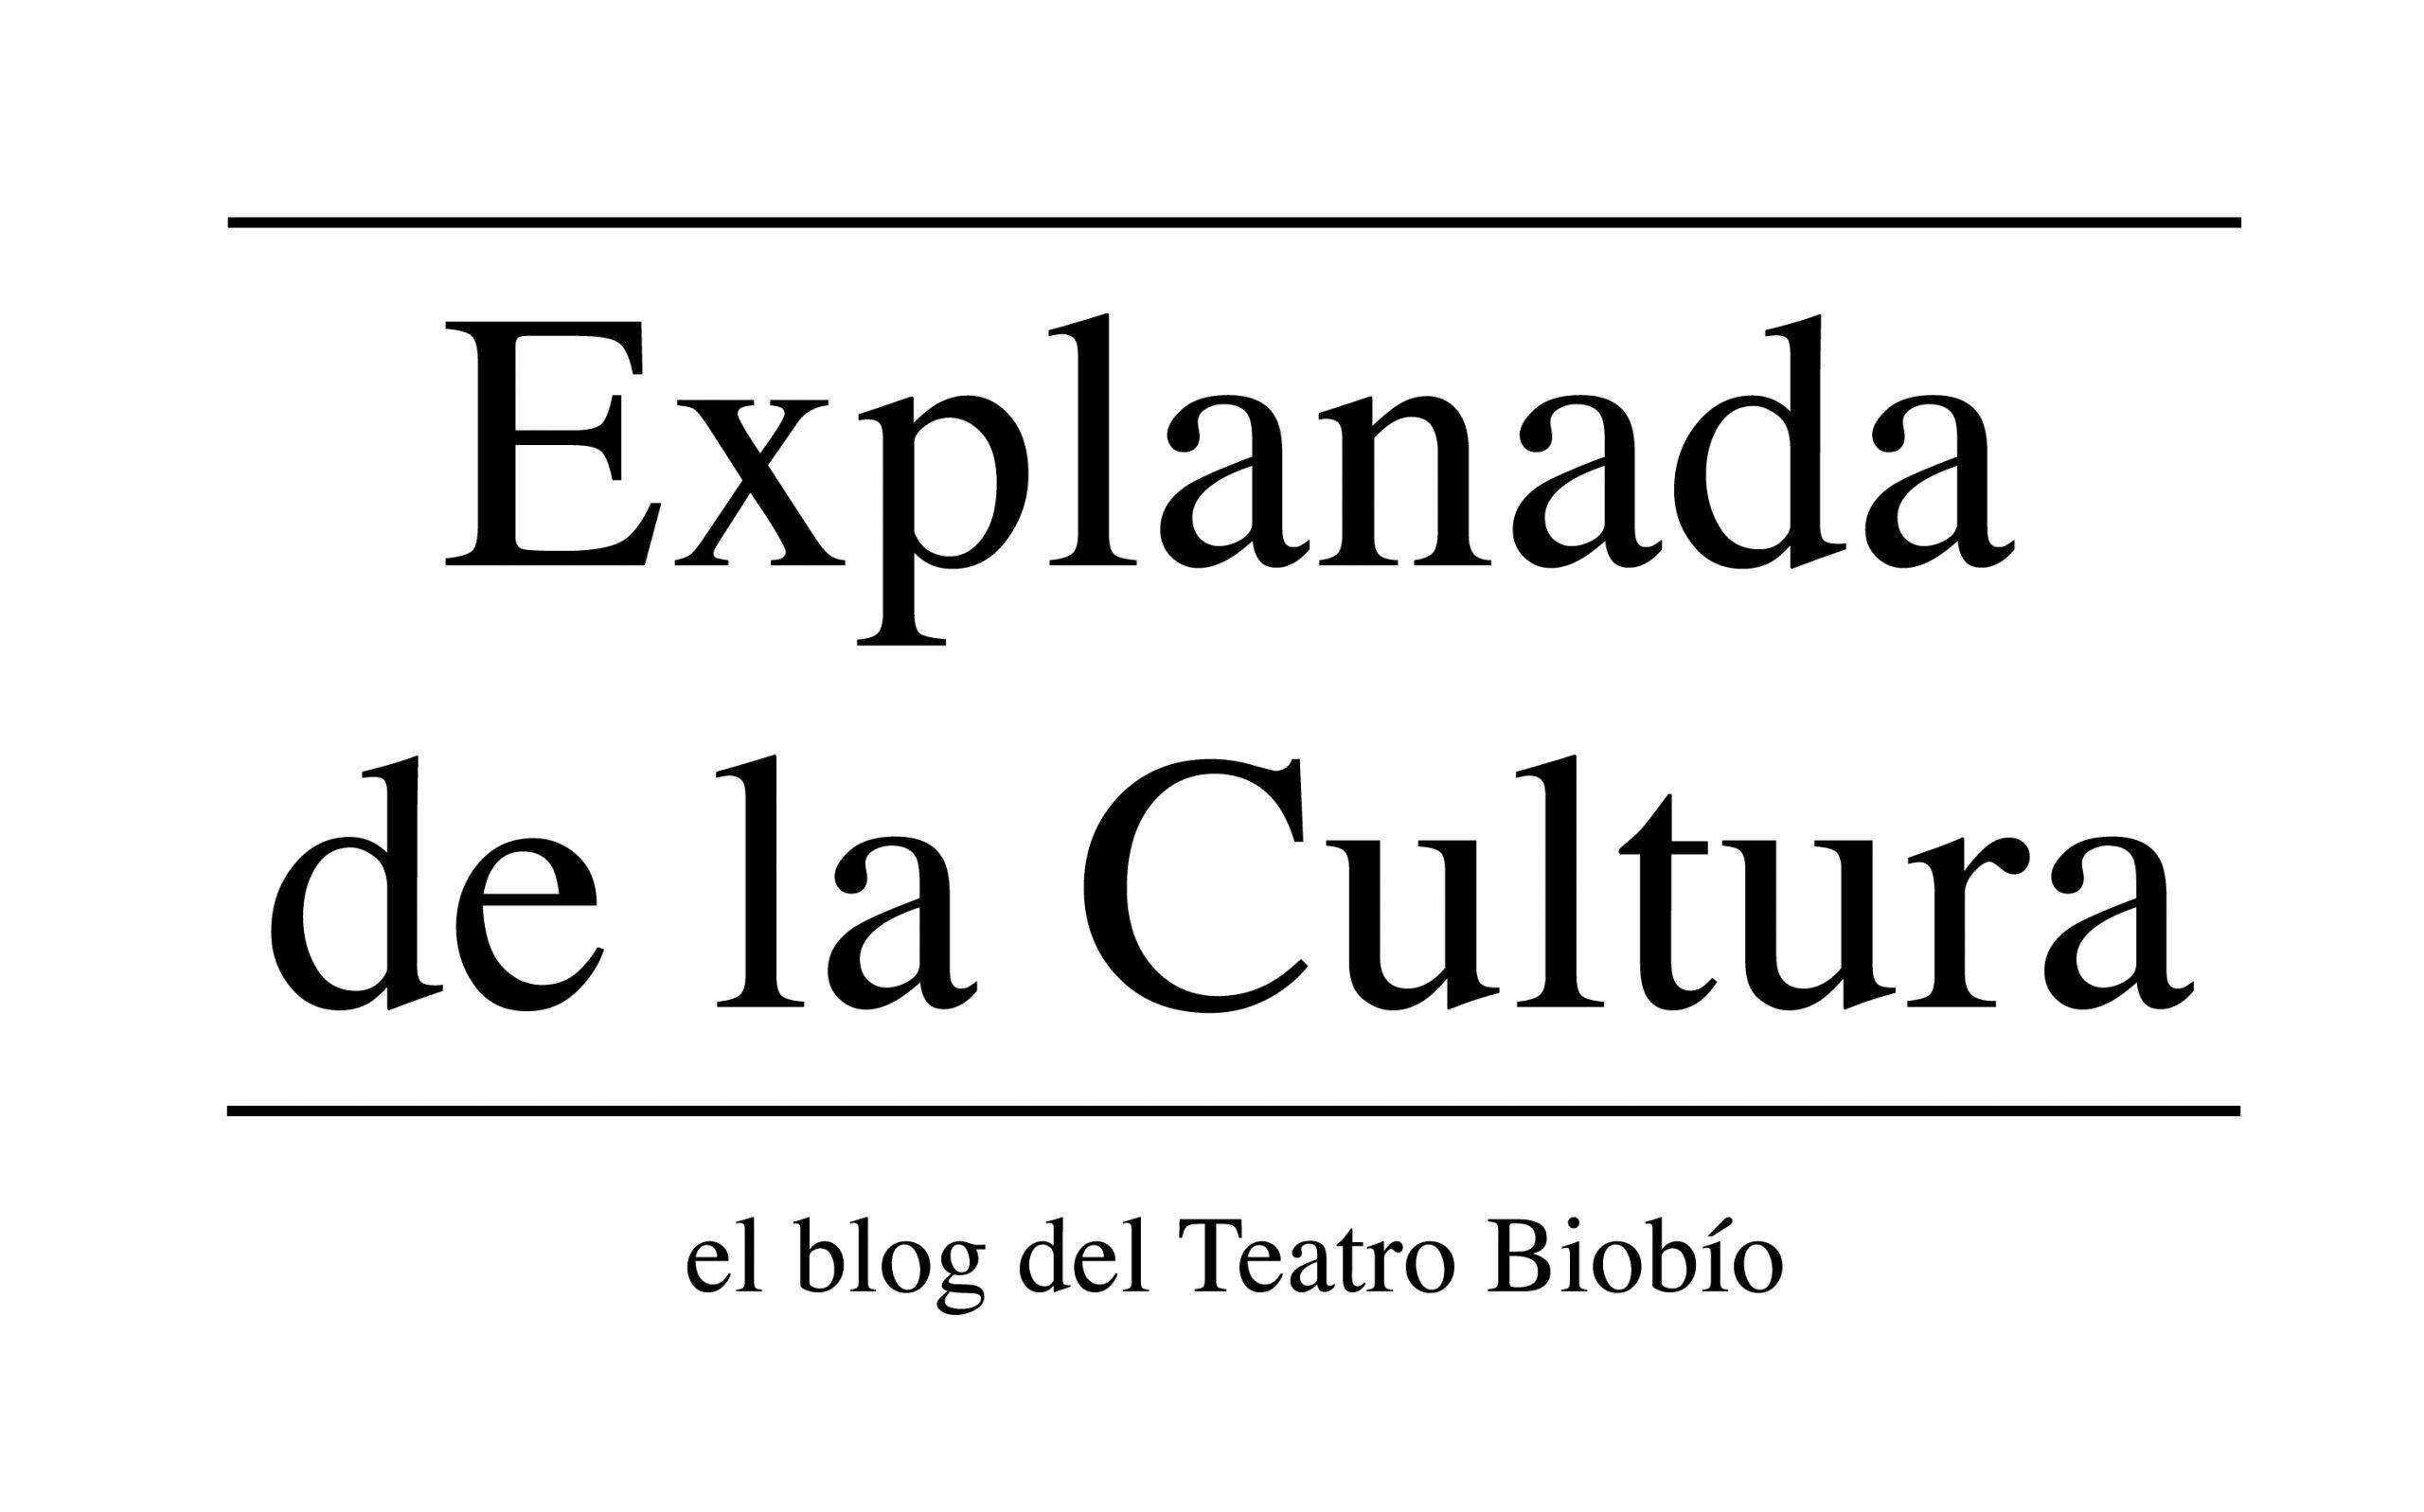 Explanada de la cultura